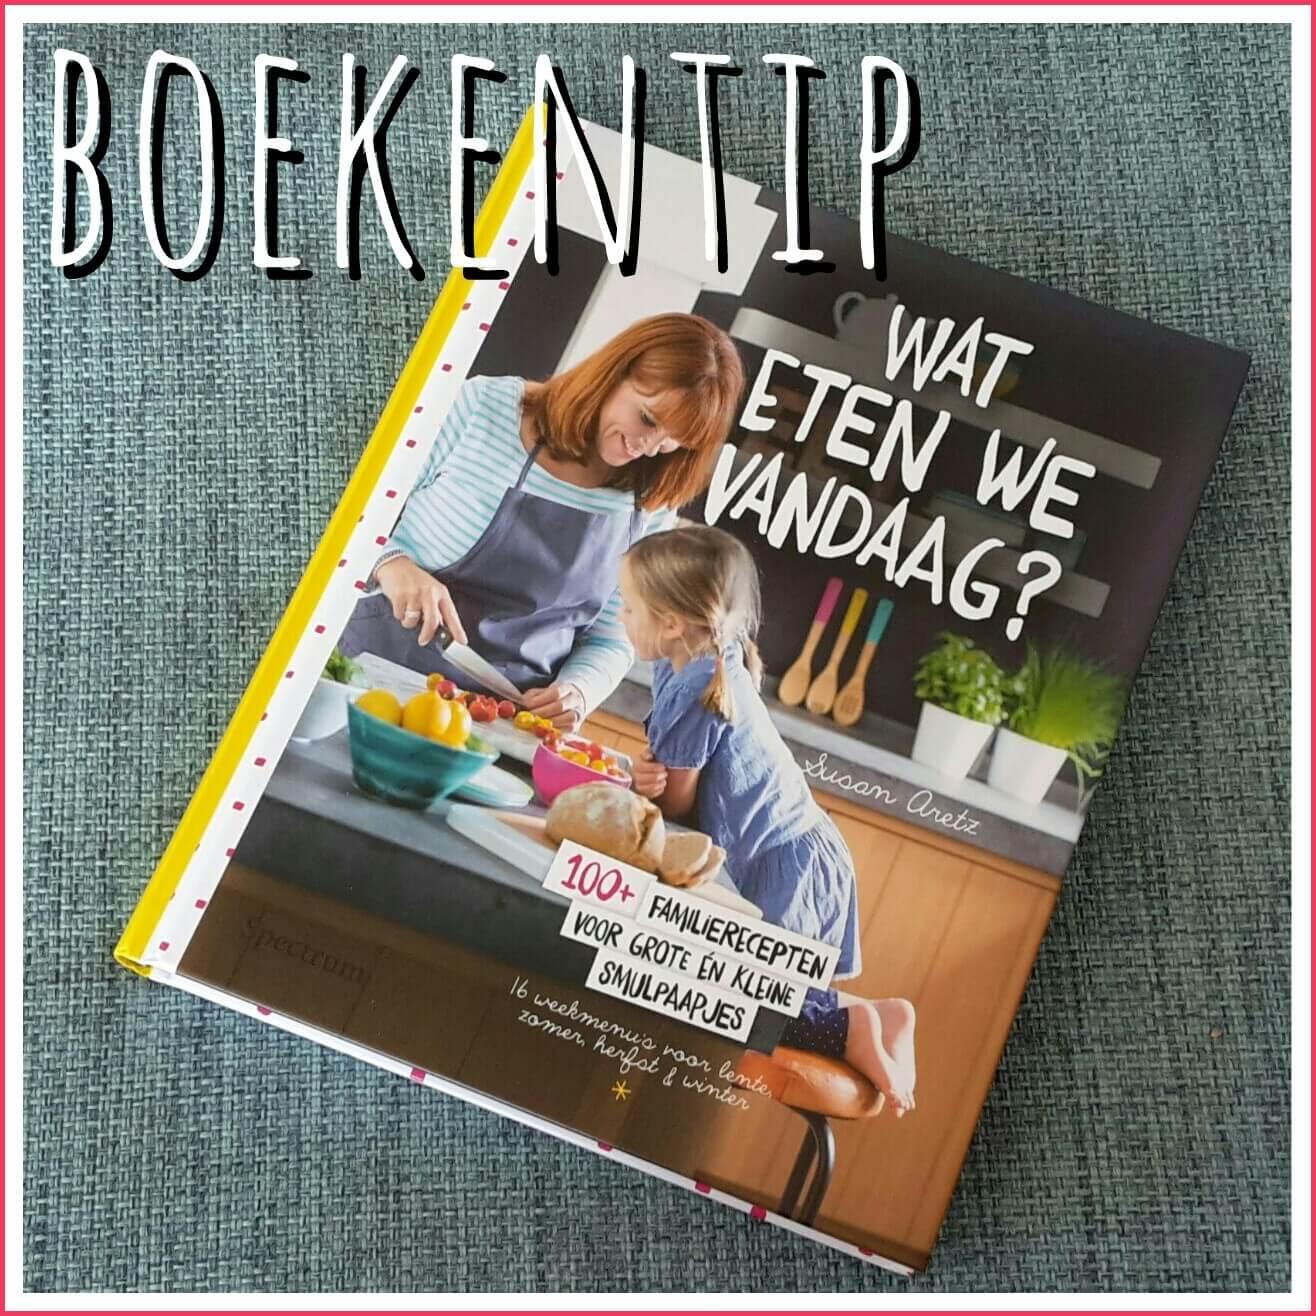 Kookboekentip voor gezinnen: Wat eten we vandaag? van Susan Aretz